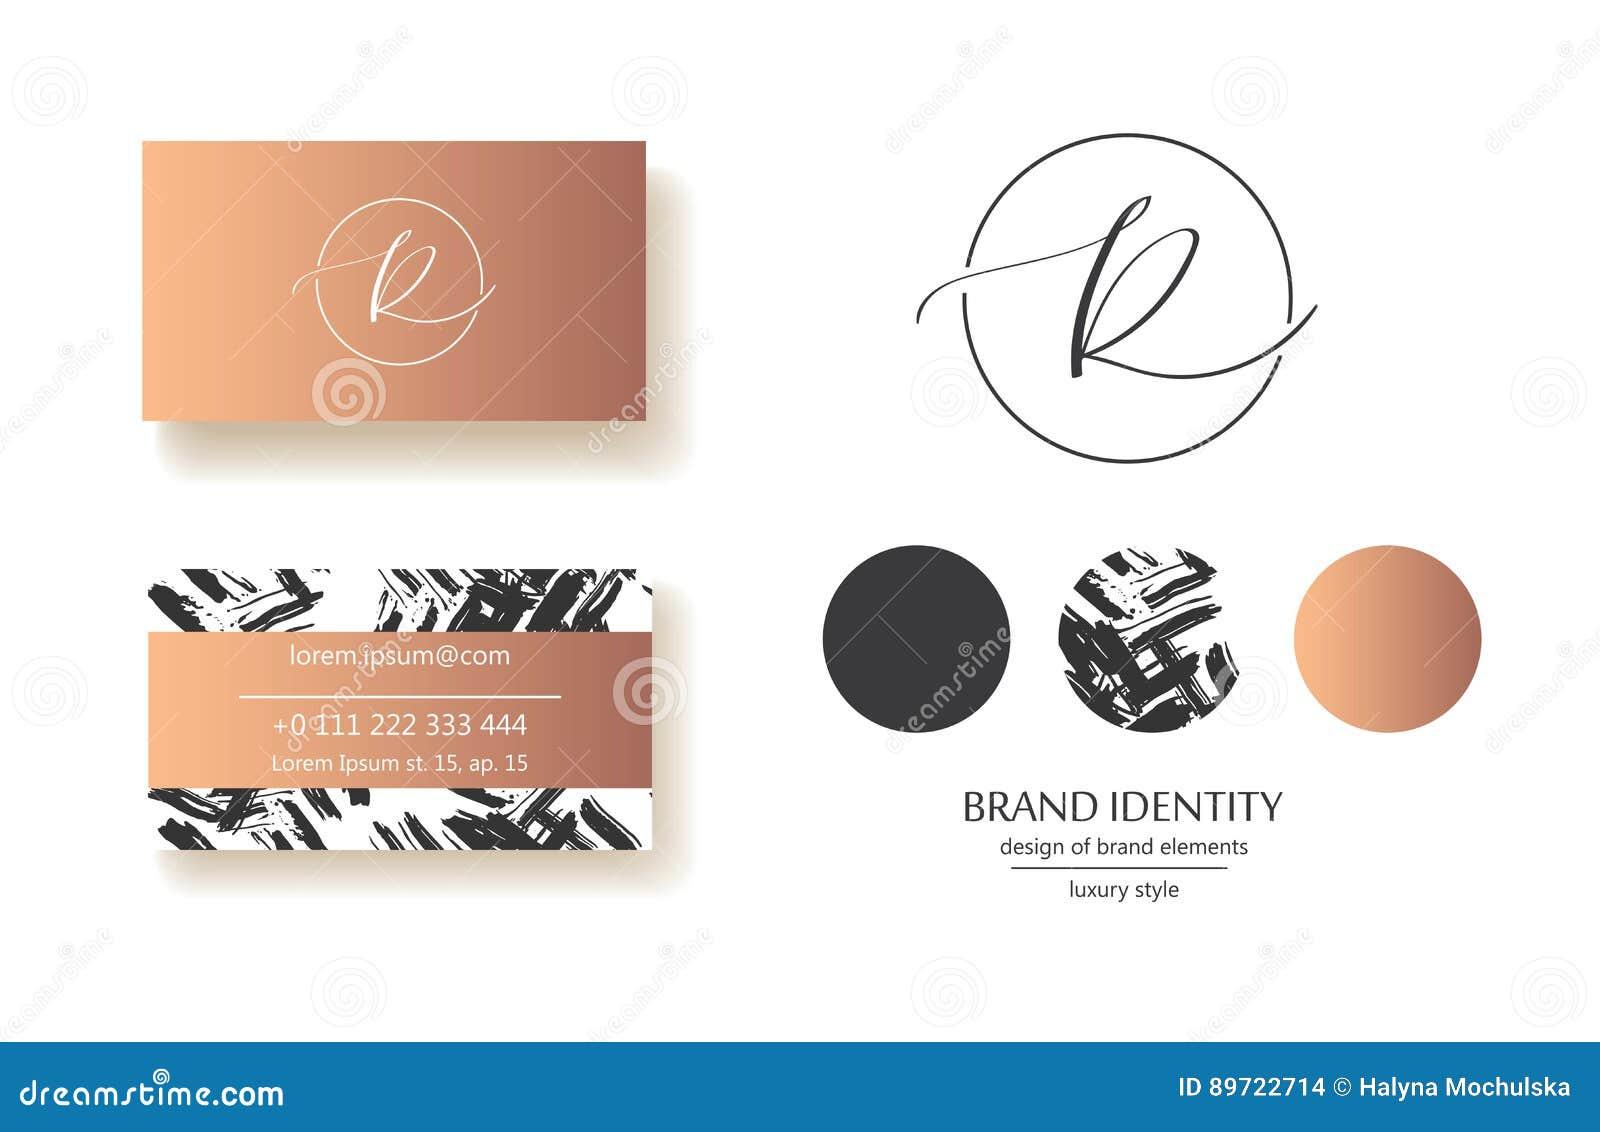 sophisticated brand identity letter r line logo business. Black Bedroom Furniture Sets. Home Design Ideas